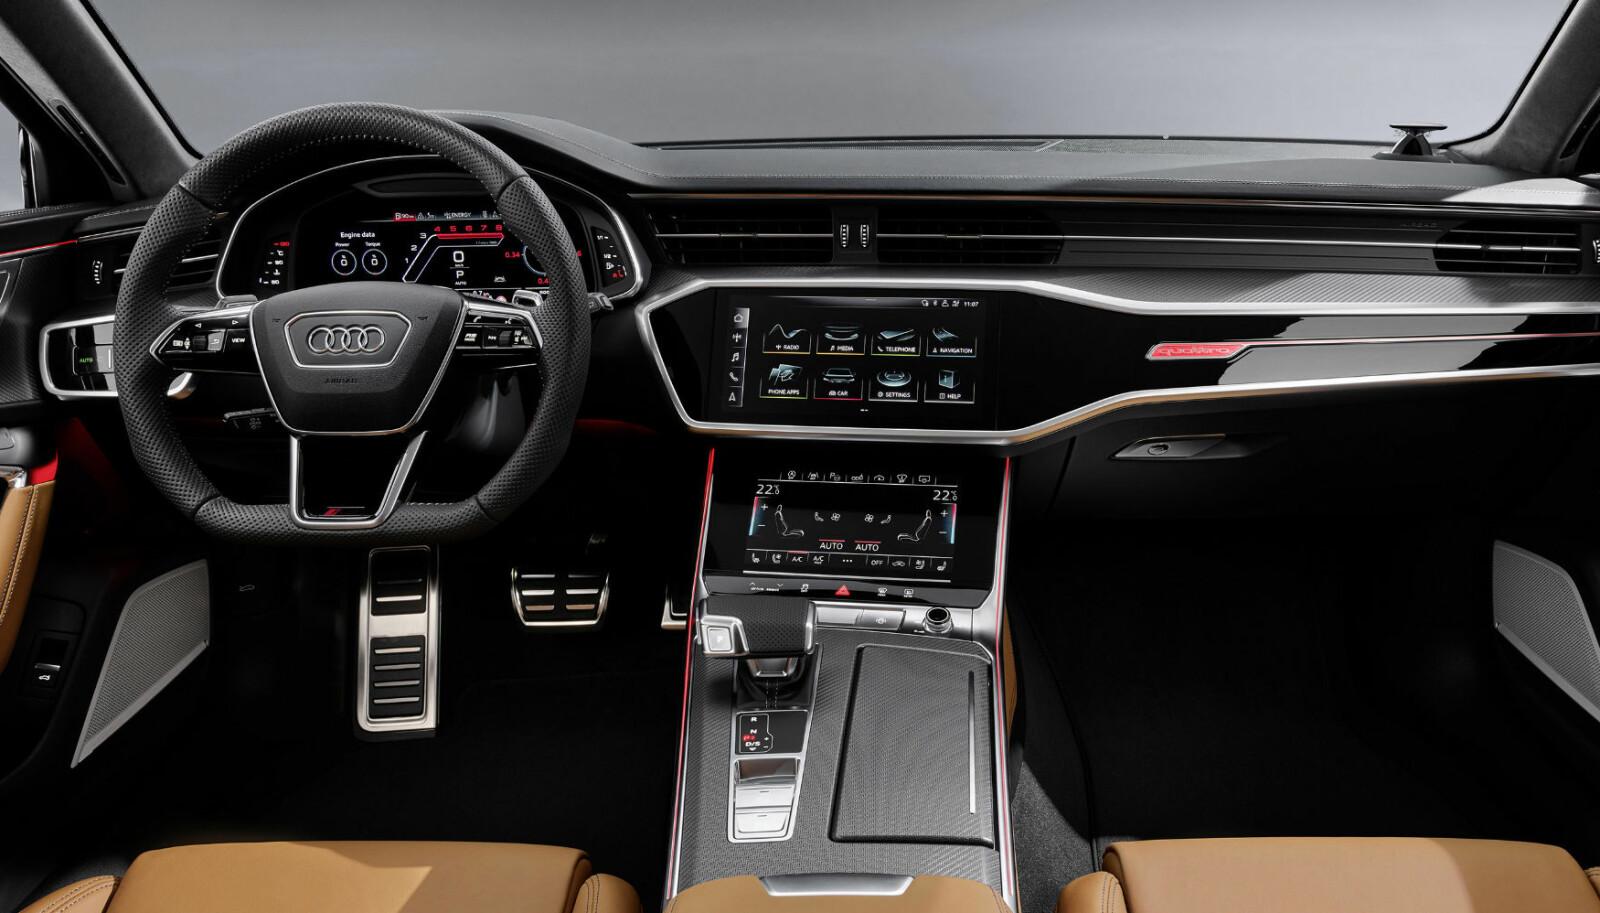 <b>VELG OG VRAK: </b>Føreren kan velge mellom seks ulike kjøreinnstillinger gjenno «Audi Drive select»-systemet. To av innstillingene, RS1- og RS2, kan konfigureres individuelt, og aktiveres med en dedikert «RS-MODE»-knapp på rattet. «Audi drive select»-systemet påvirker motorstyringen, servostyringen, understellet, den dynamiske firehjulsstyringen, quattro sportsdifferensialen, motorlyden og det automatiske klimaanlegget. RS2-modus har dessuten som spesifikk oppgave å påvirke den elektroniske stabilitetskontrollen (ESC), bare med å trykke på en knapp (sportsmodus). ESC kan også slåes helt av.